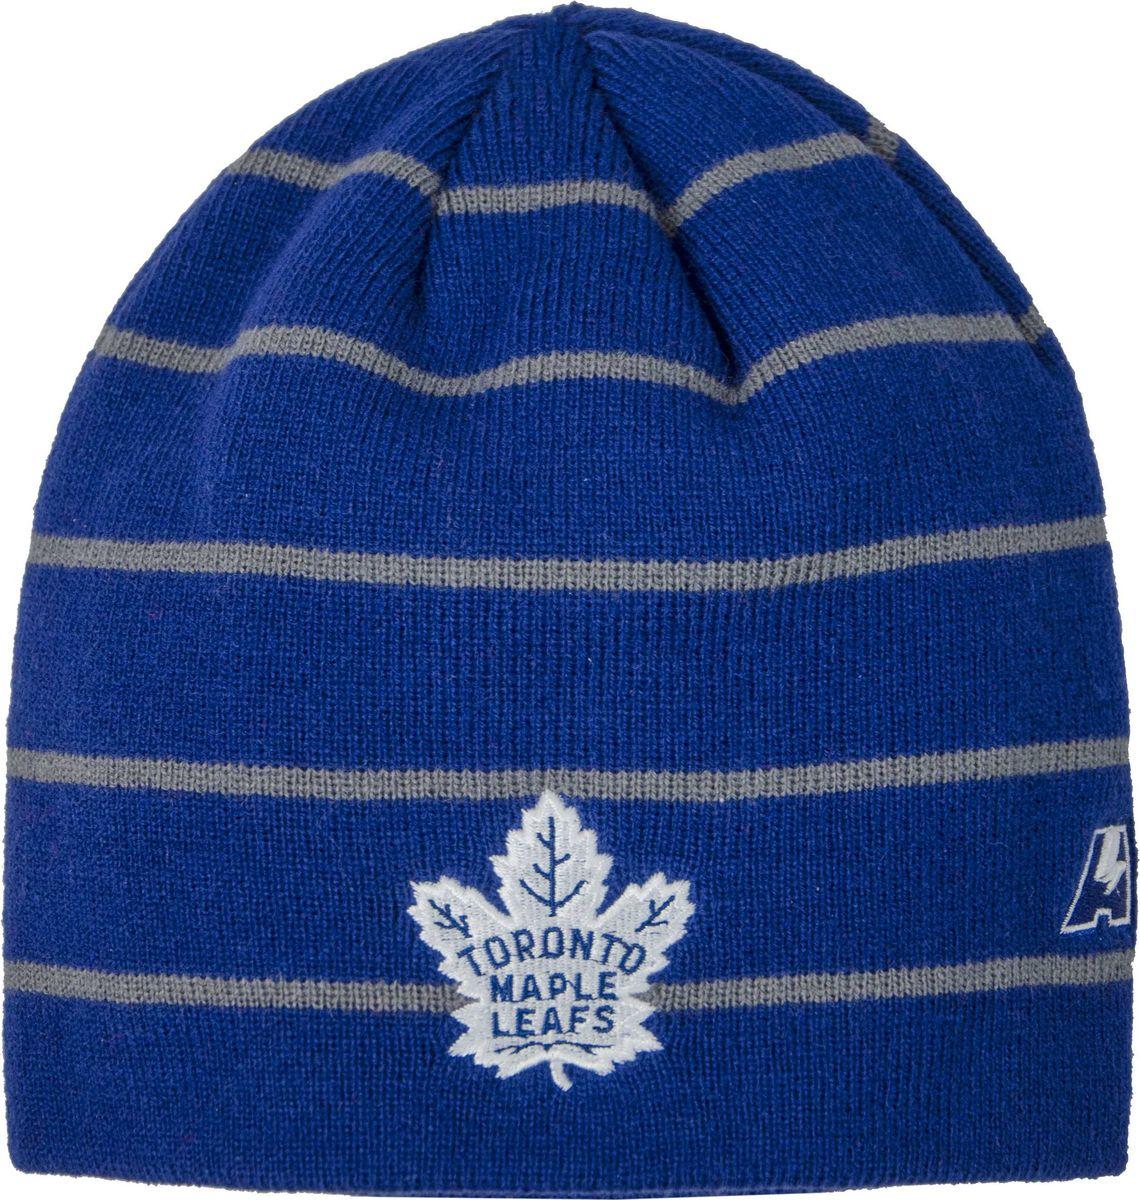 Шапка мужская Atributika & Club Toronto Maple Leafs, цвет: синий. 59037. Размер 55/5859037Мужская шапка Atributika & Club снабжена объемным вышитым логотипом команды. Выполнена из 100% акрила и дополнена принтом в полоску. Данная шапка является сертифицированным продуктом НХЛ, упакована в индивидуальную упаковку, защищена голограммой, имеет уникальный штрих код.